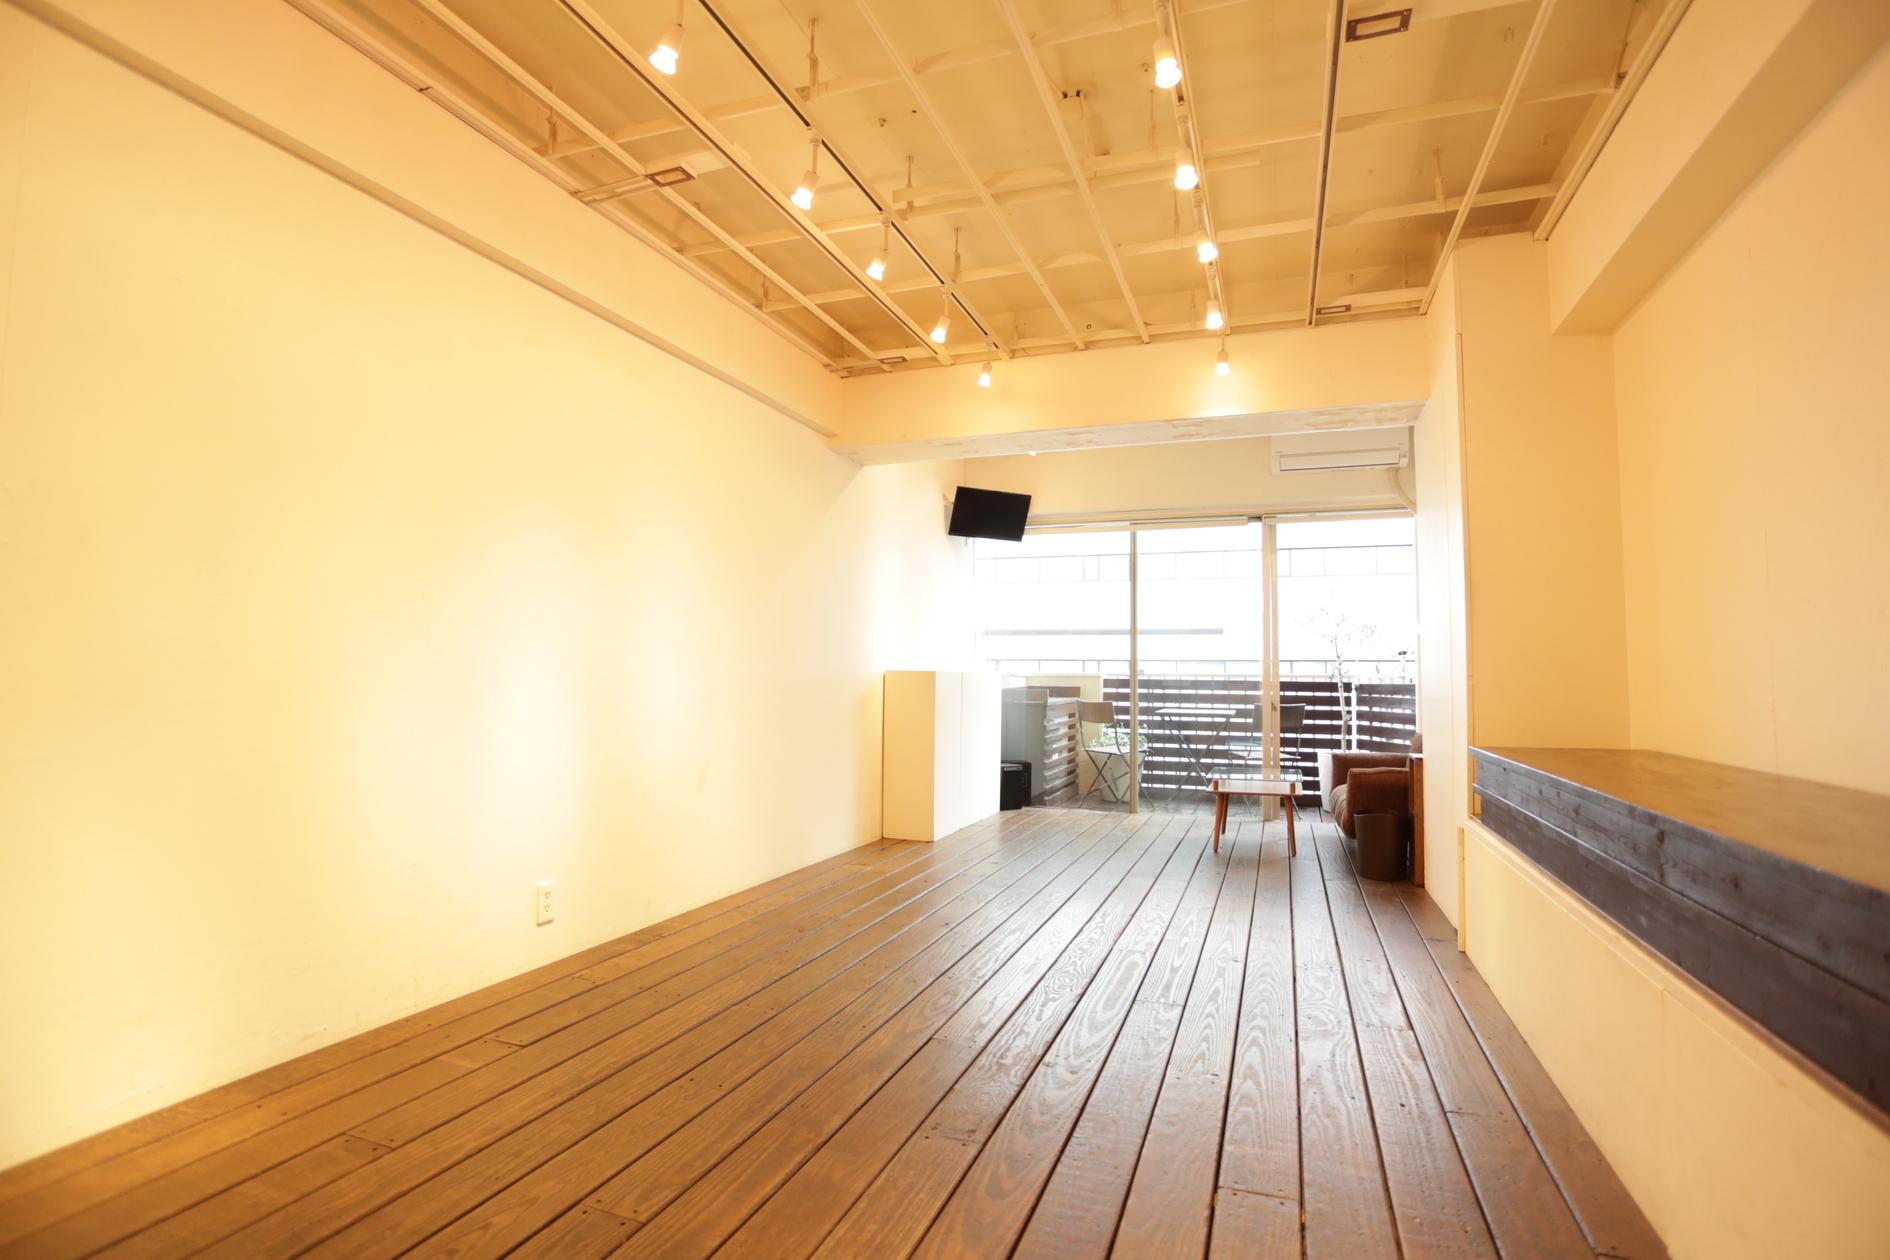 渋谷の静かな路地裏にある展示会・ワークショップ・会議に最適な自由空間です(青山展示室401 渋谷の静かな路地裏にある展示会・ワークショップ・会議に最適な自由空間です) の写真0